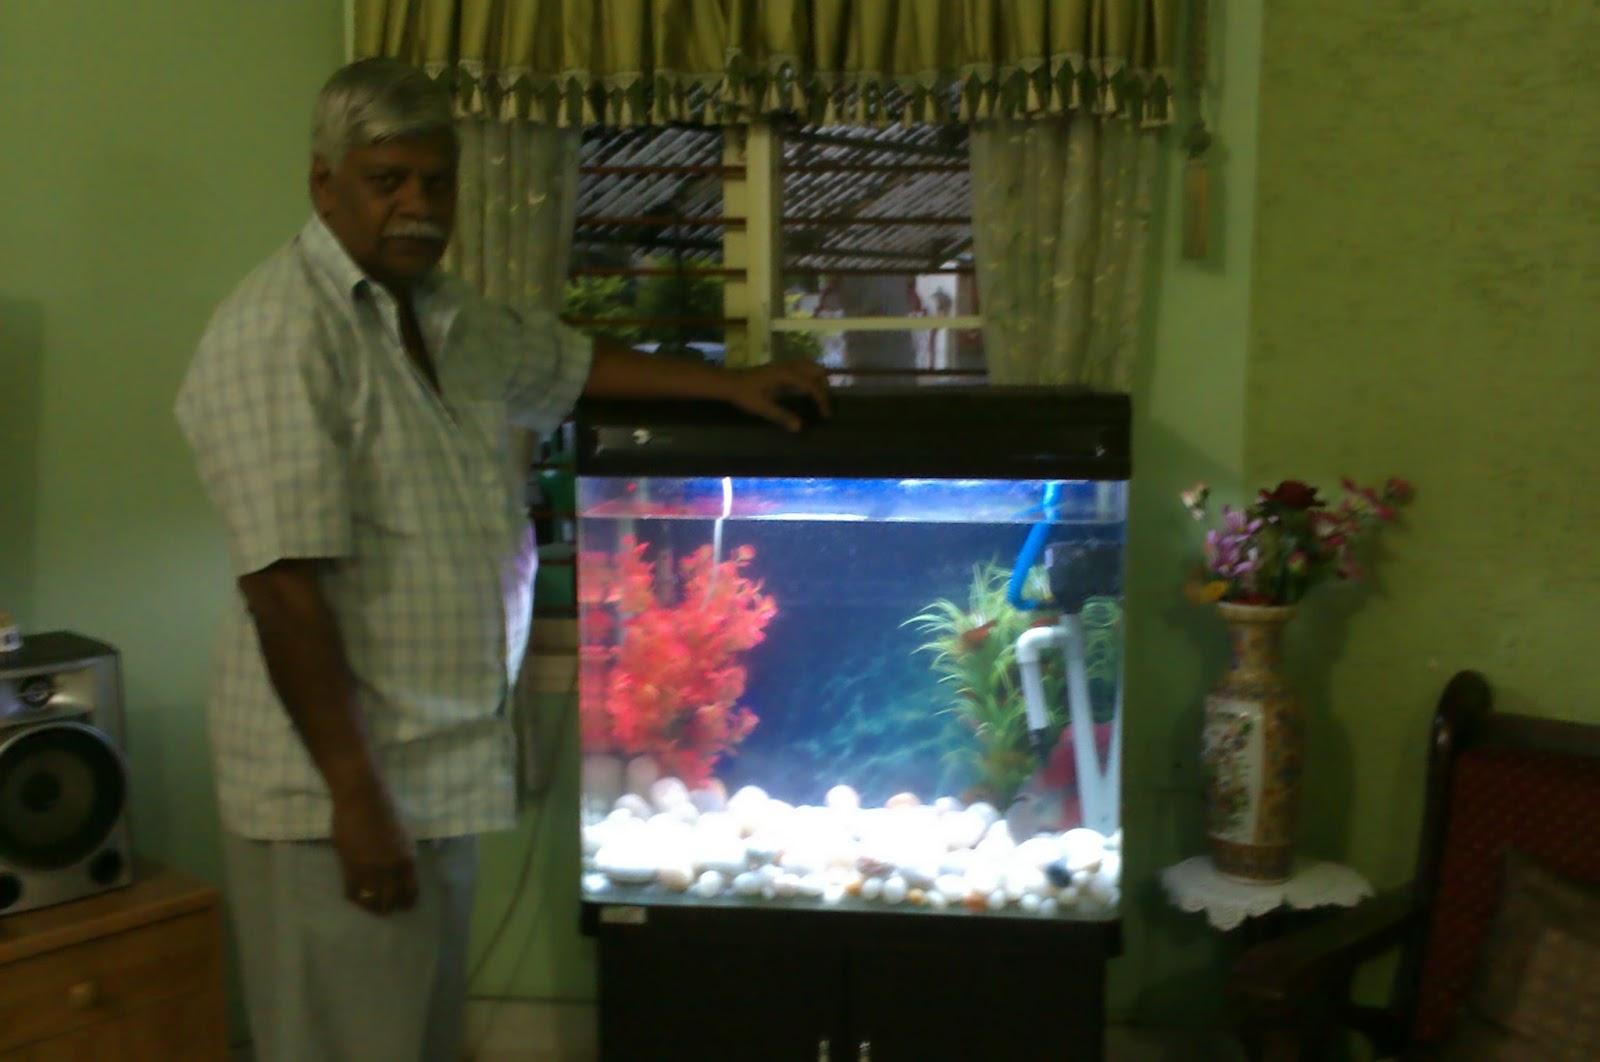 Fish for aquarium in bangalore - 2 5 Feet Flowerhorn Aquarium